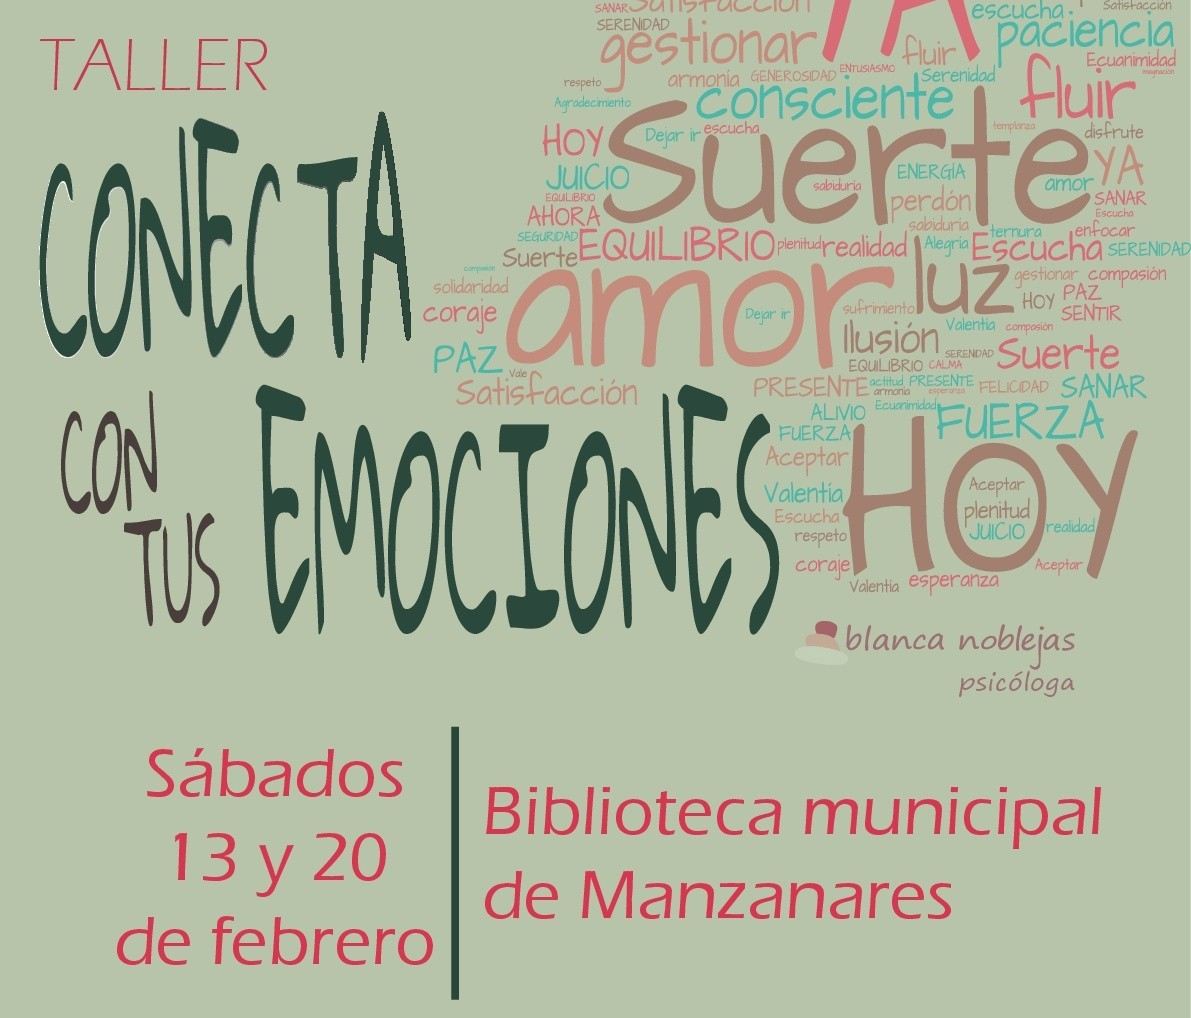 """La Biblioteca de Manzanares acogerá un interesante taller para niños bajo el lema """"Conecta con tus emociones"""""""